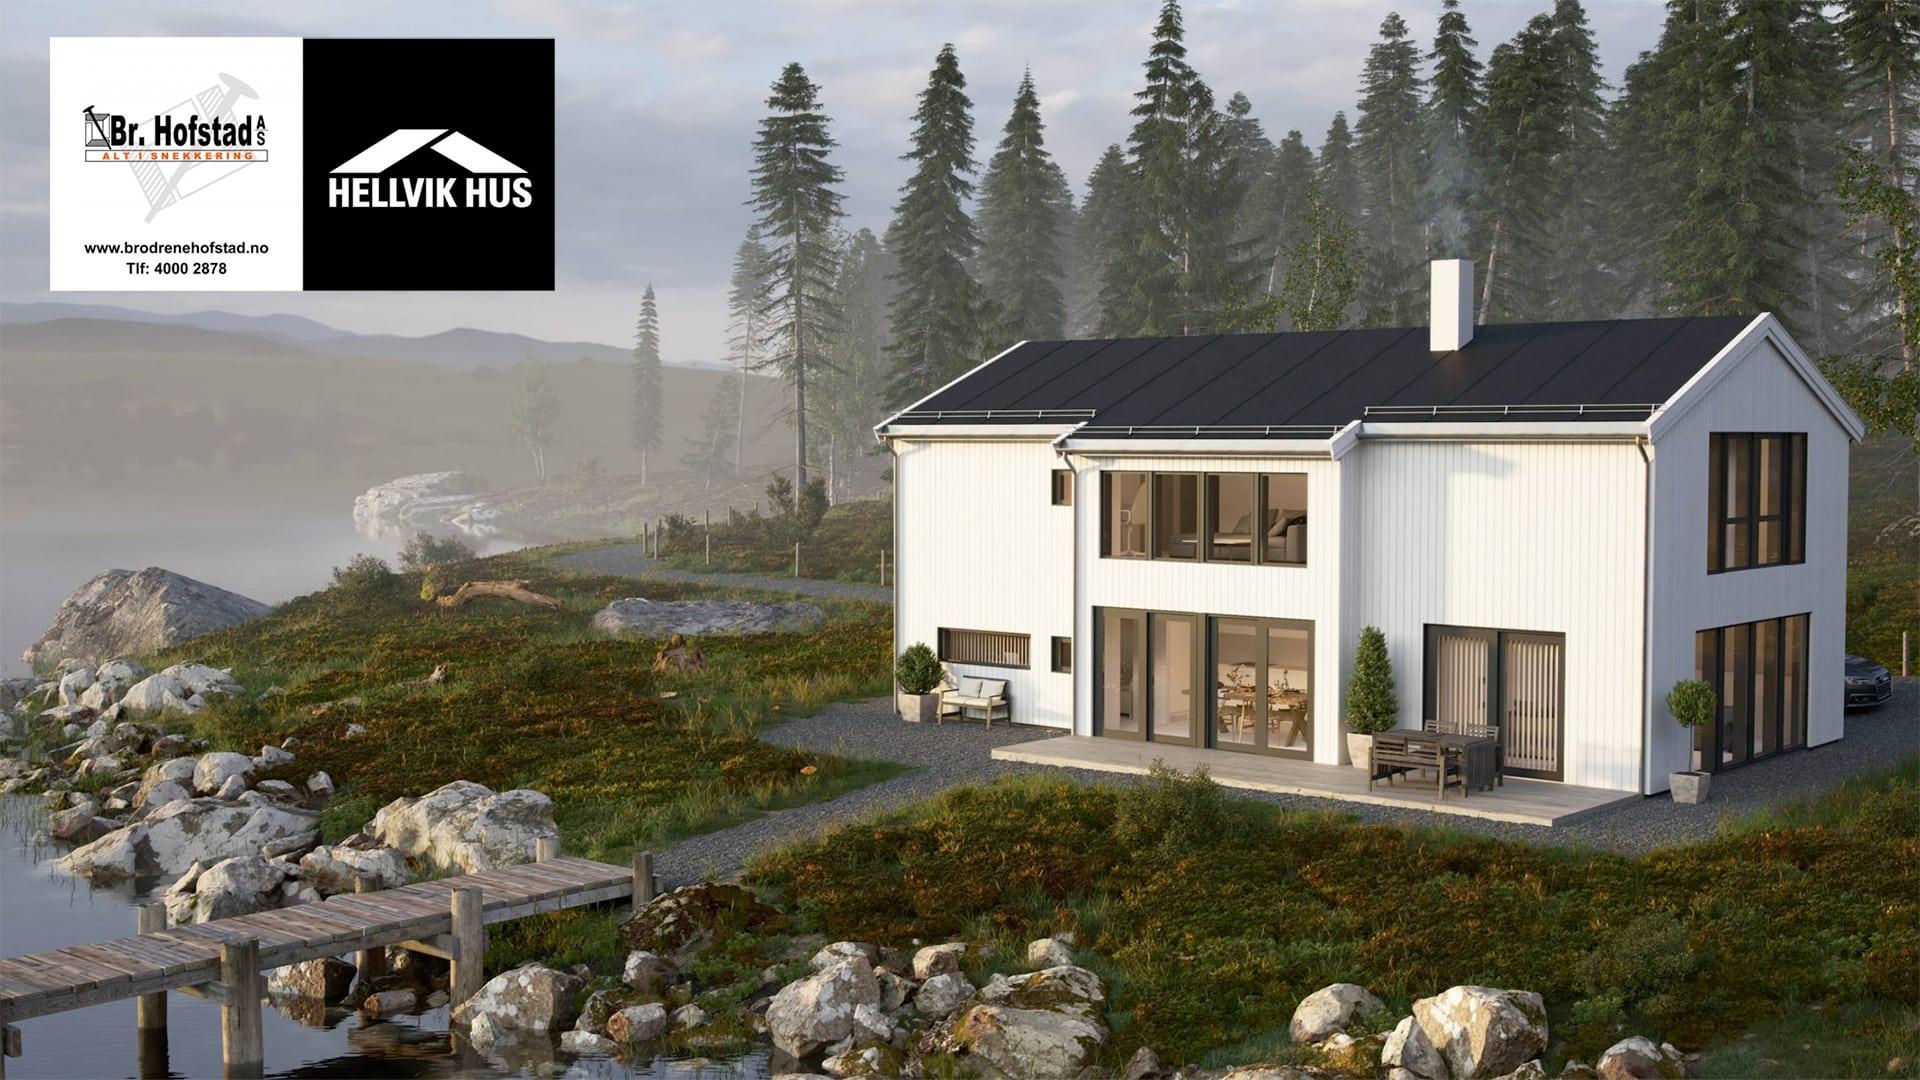 br-hofstad-hellevik-hus